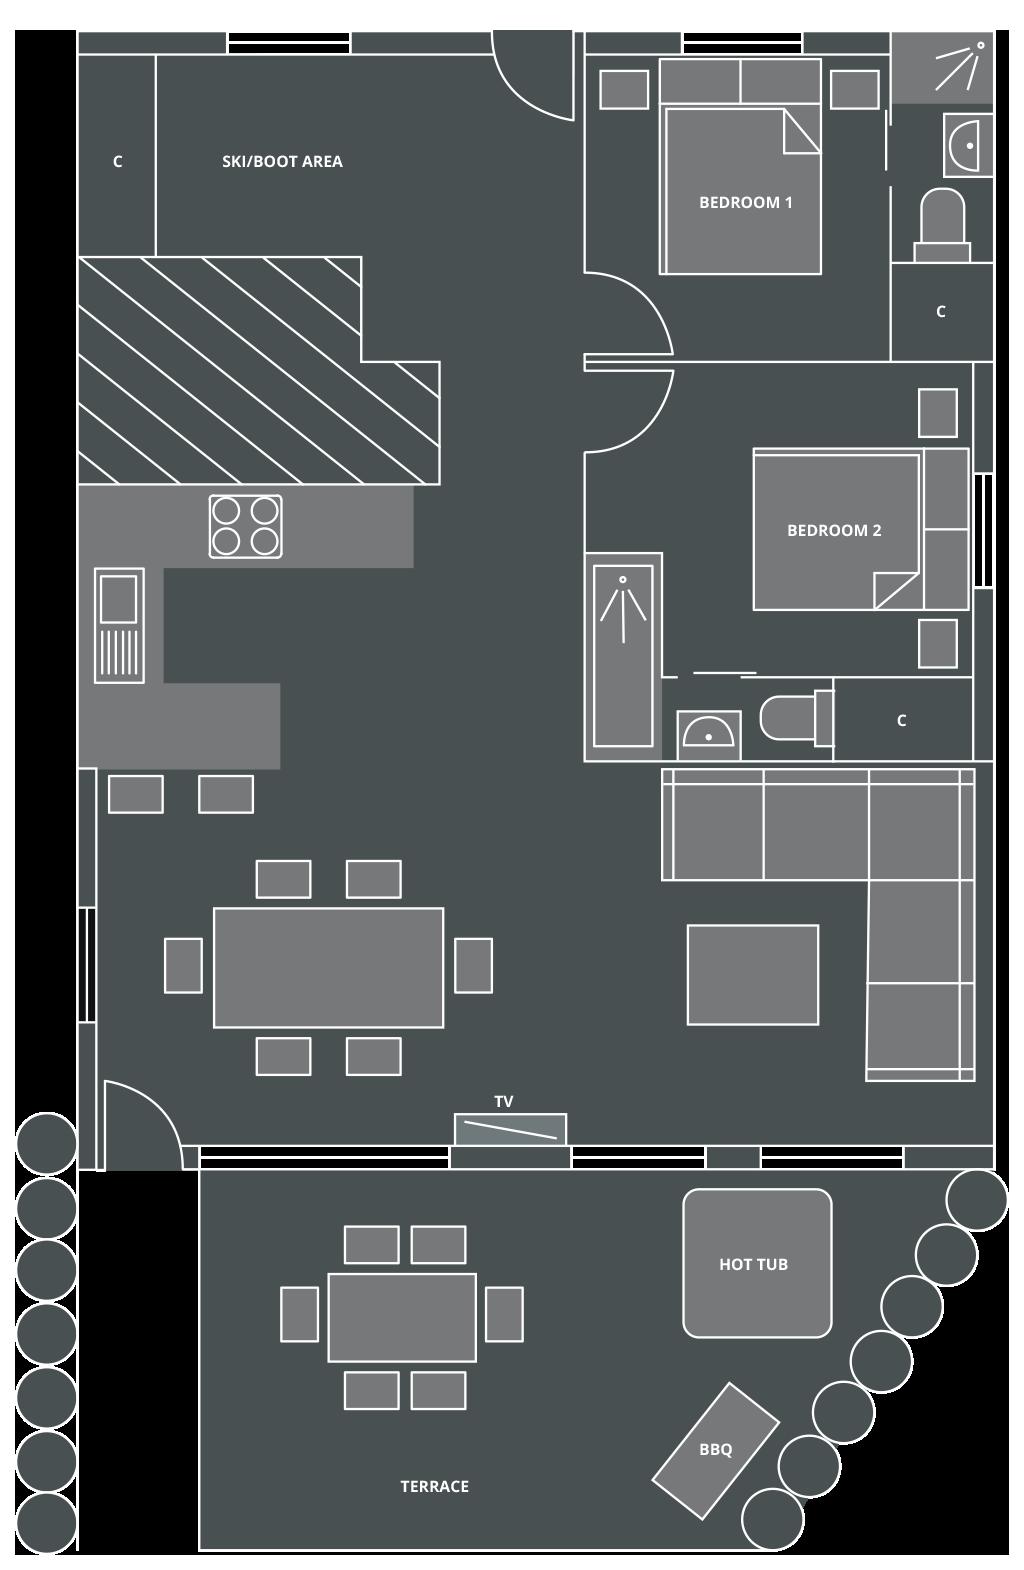 The Bungo Floor Plan